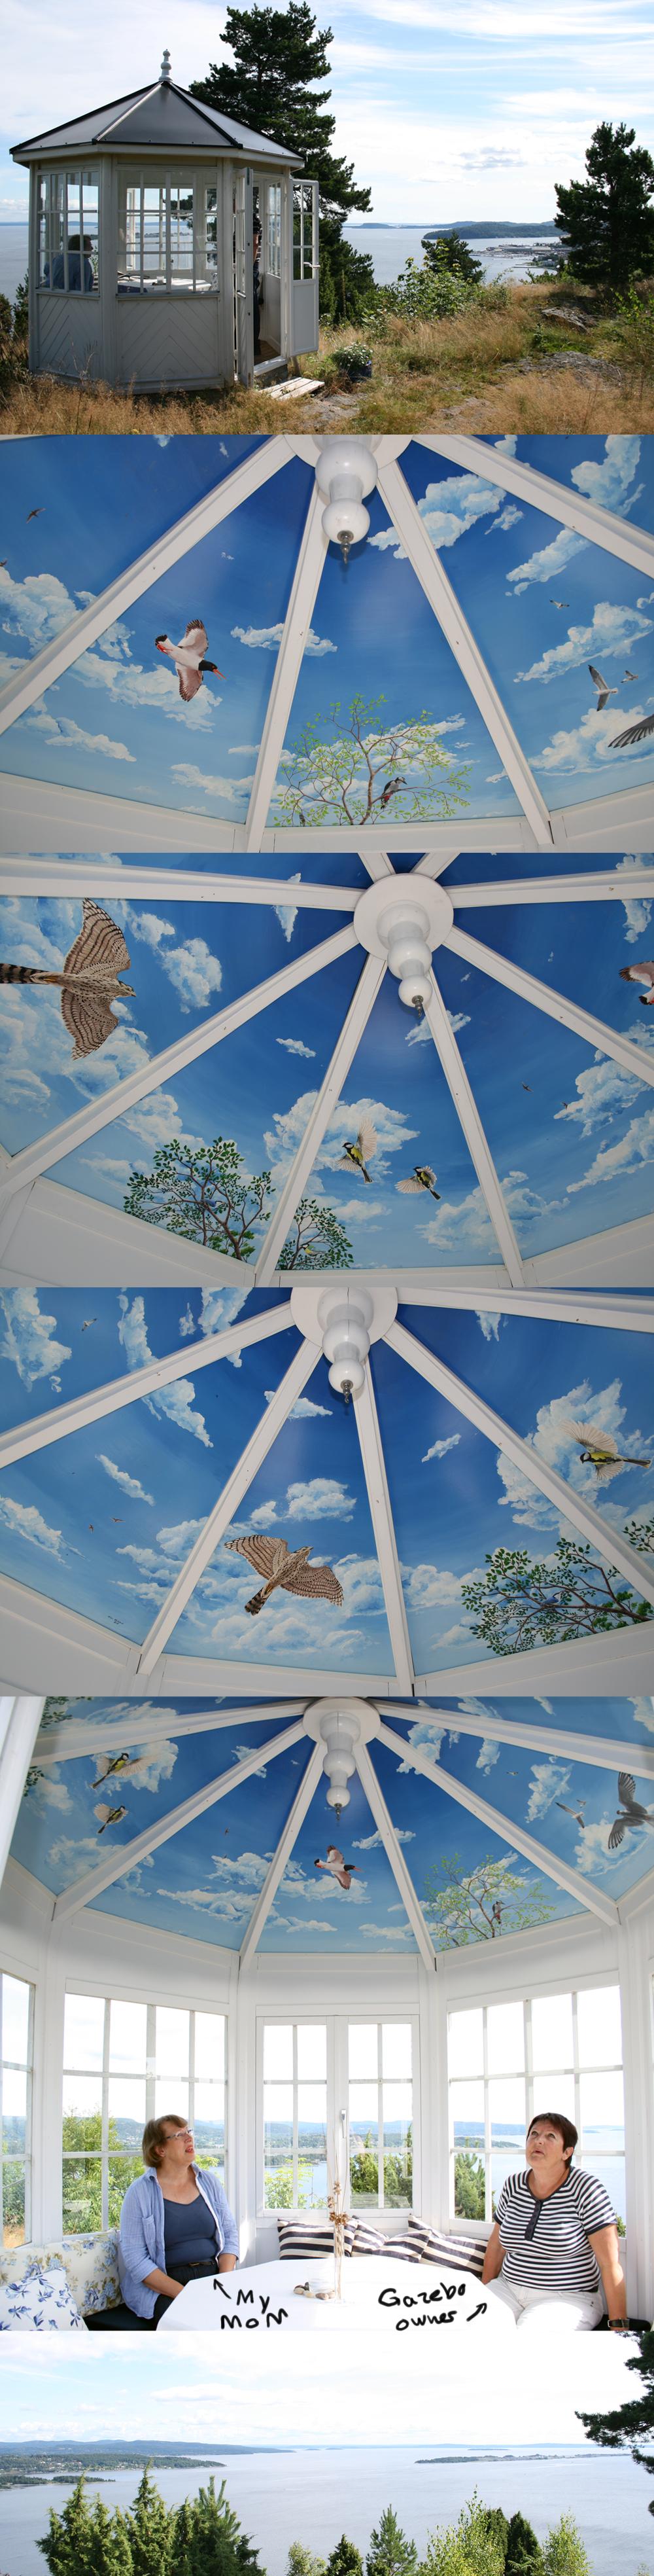 Gazebo roof, In place by elen89